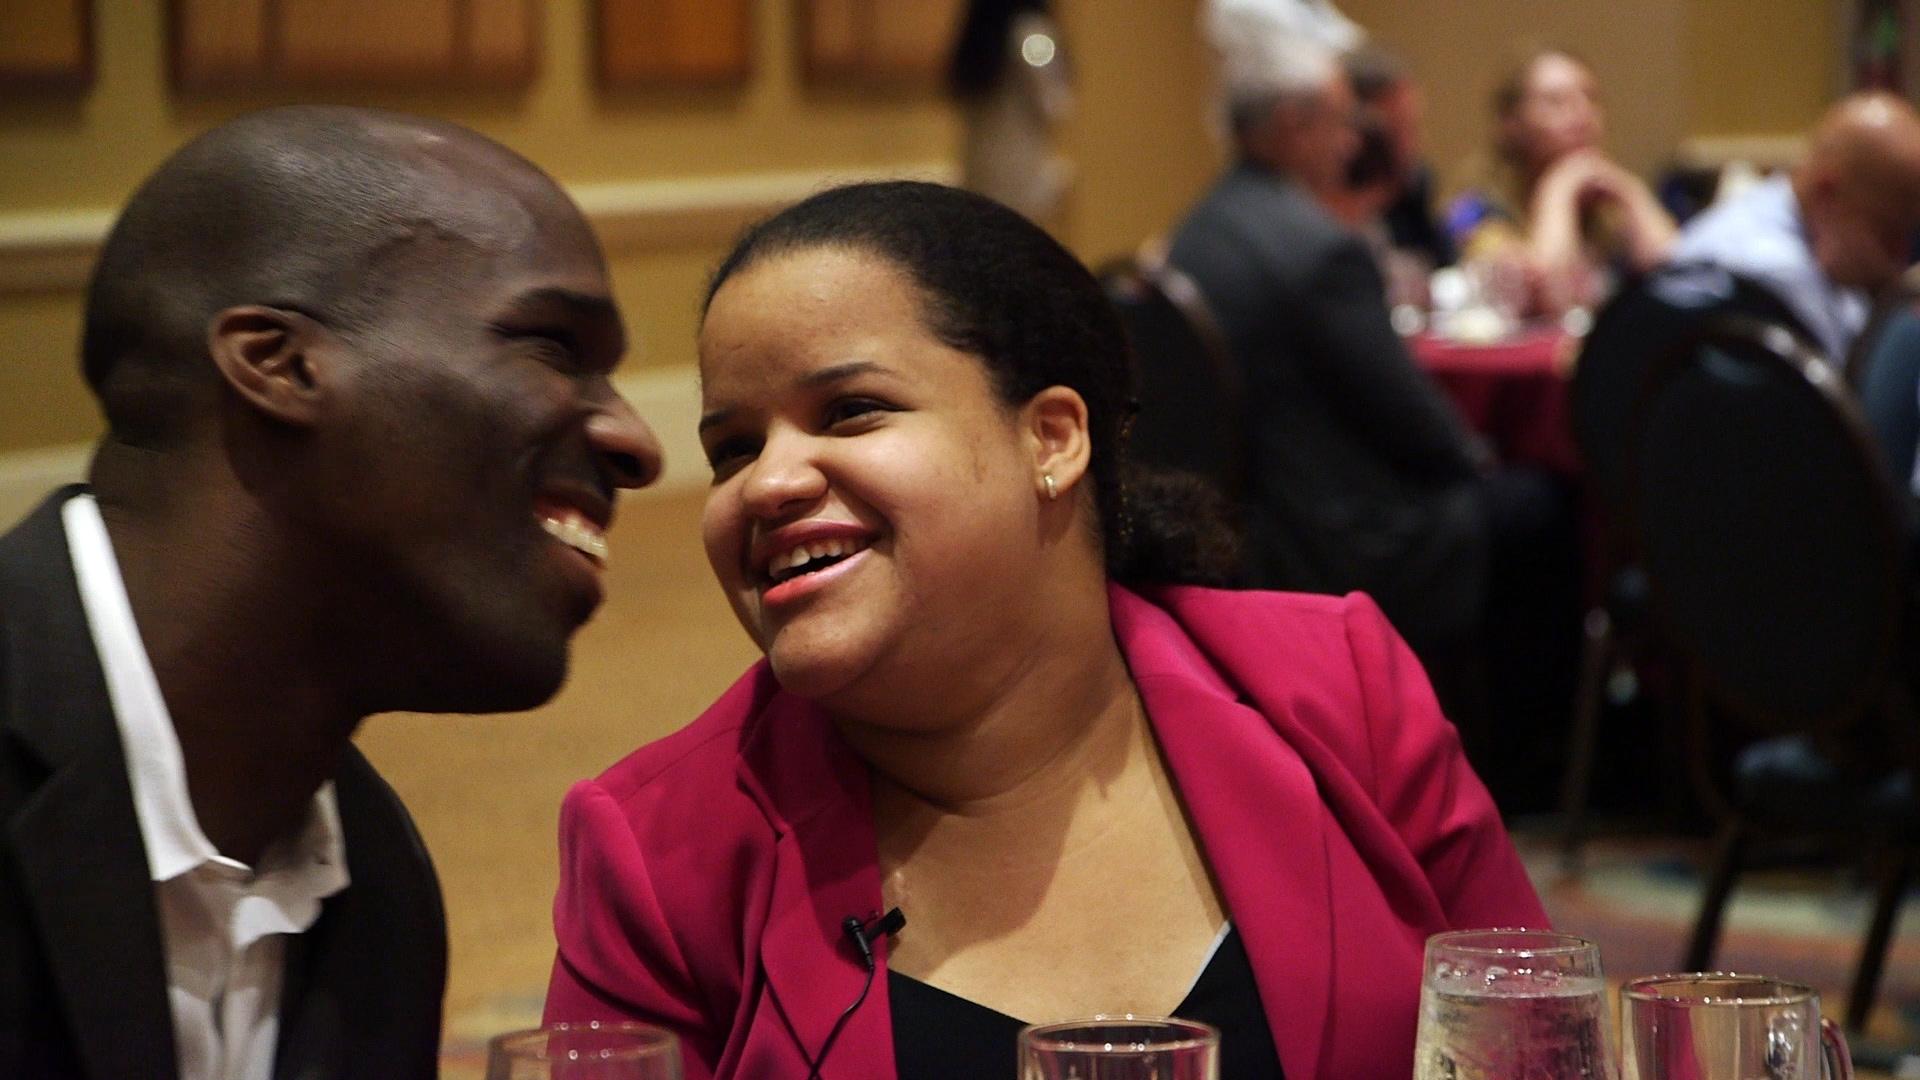 Romeo and Nef Flirting at NFB Banquet.jpg